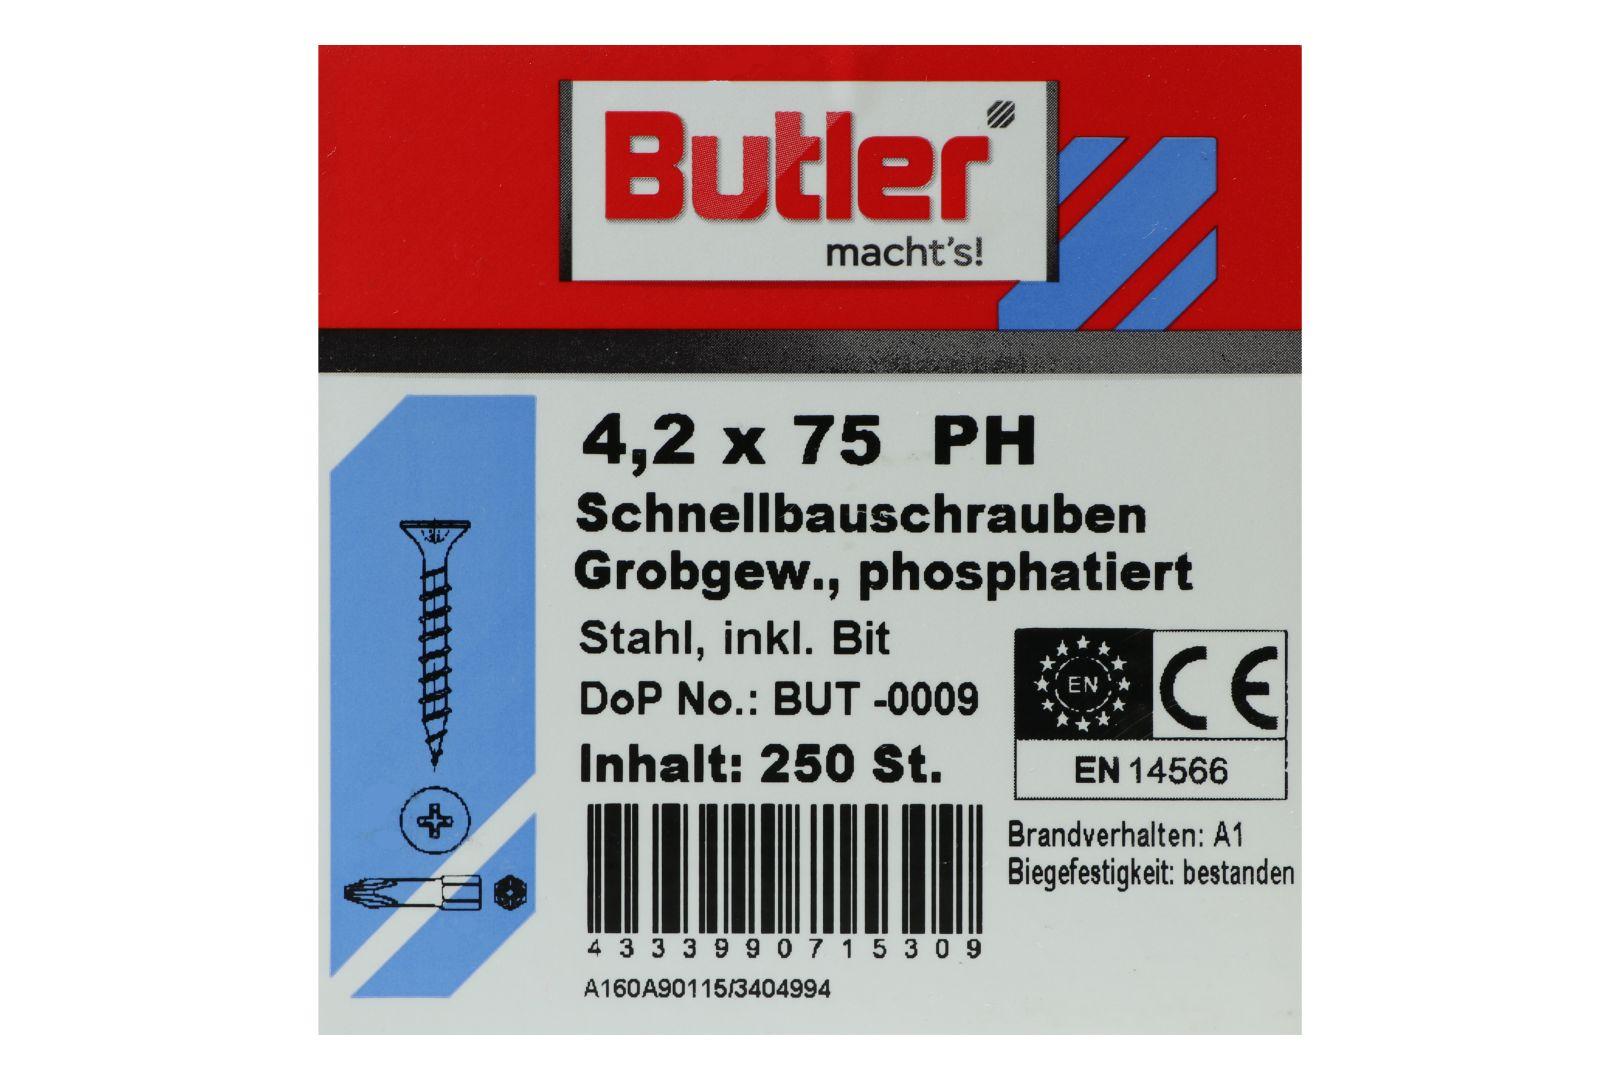 Butler macht's! Schnellbauschrauben inkl. Bit für Holz auf Holz, Grobgewinde, PH2, 4,2 x 75 mm, 250 Stück